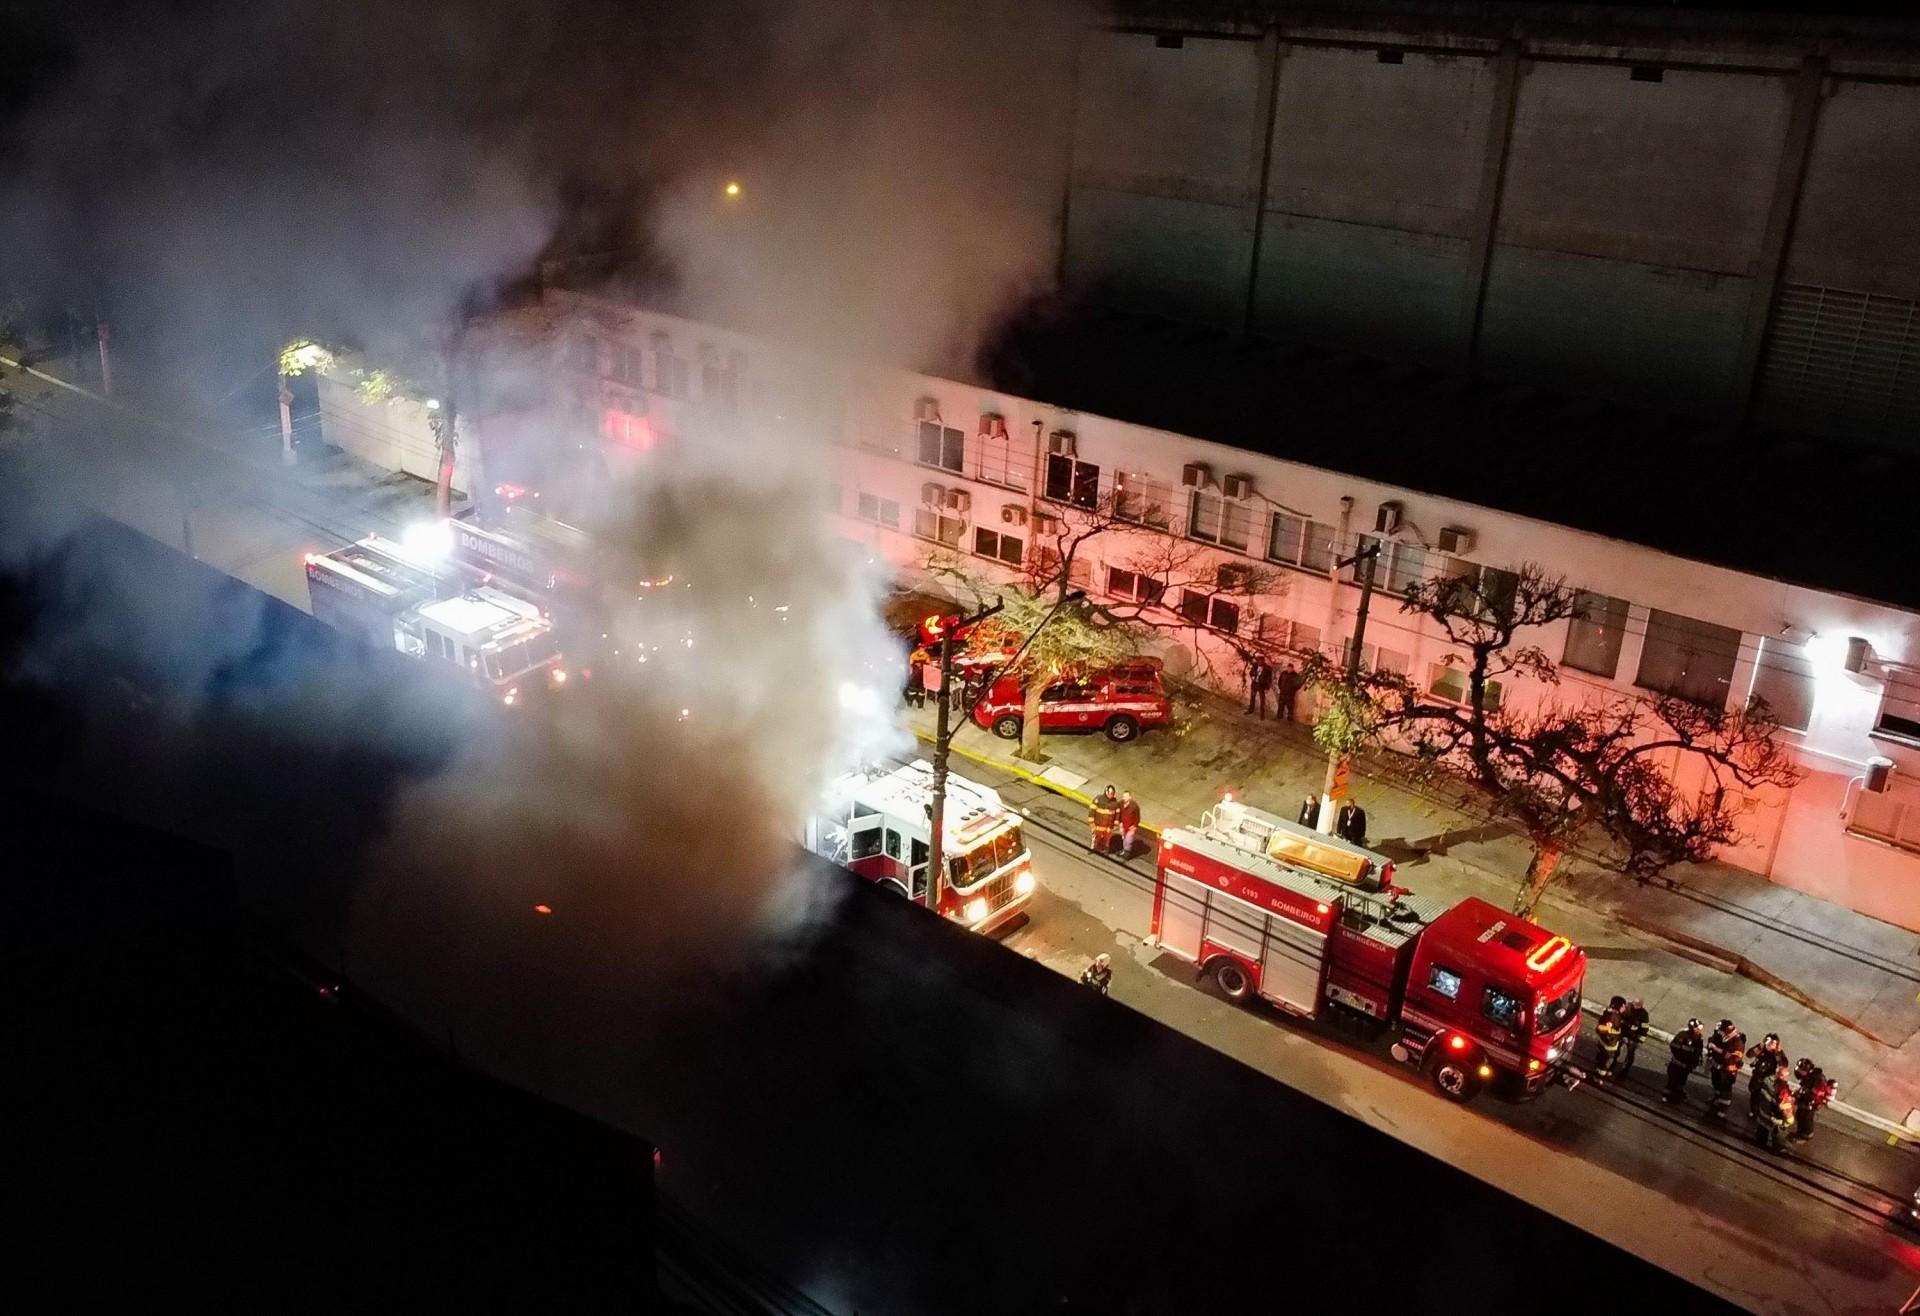 Galpão da Cinemateca Brasileira foi incendiado na última quinta-feira, 29 de julho (Foto: RONALDO SILVA/AE)